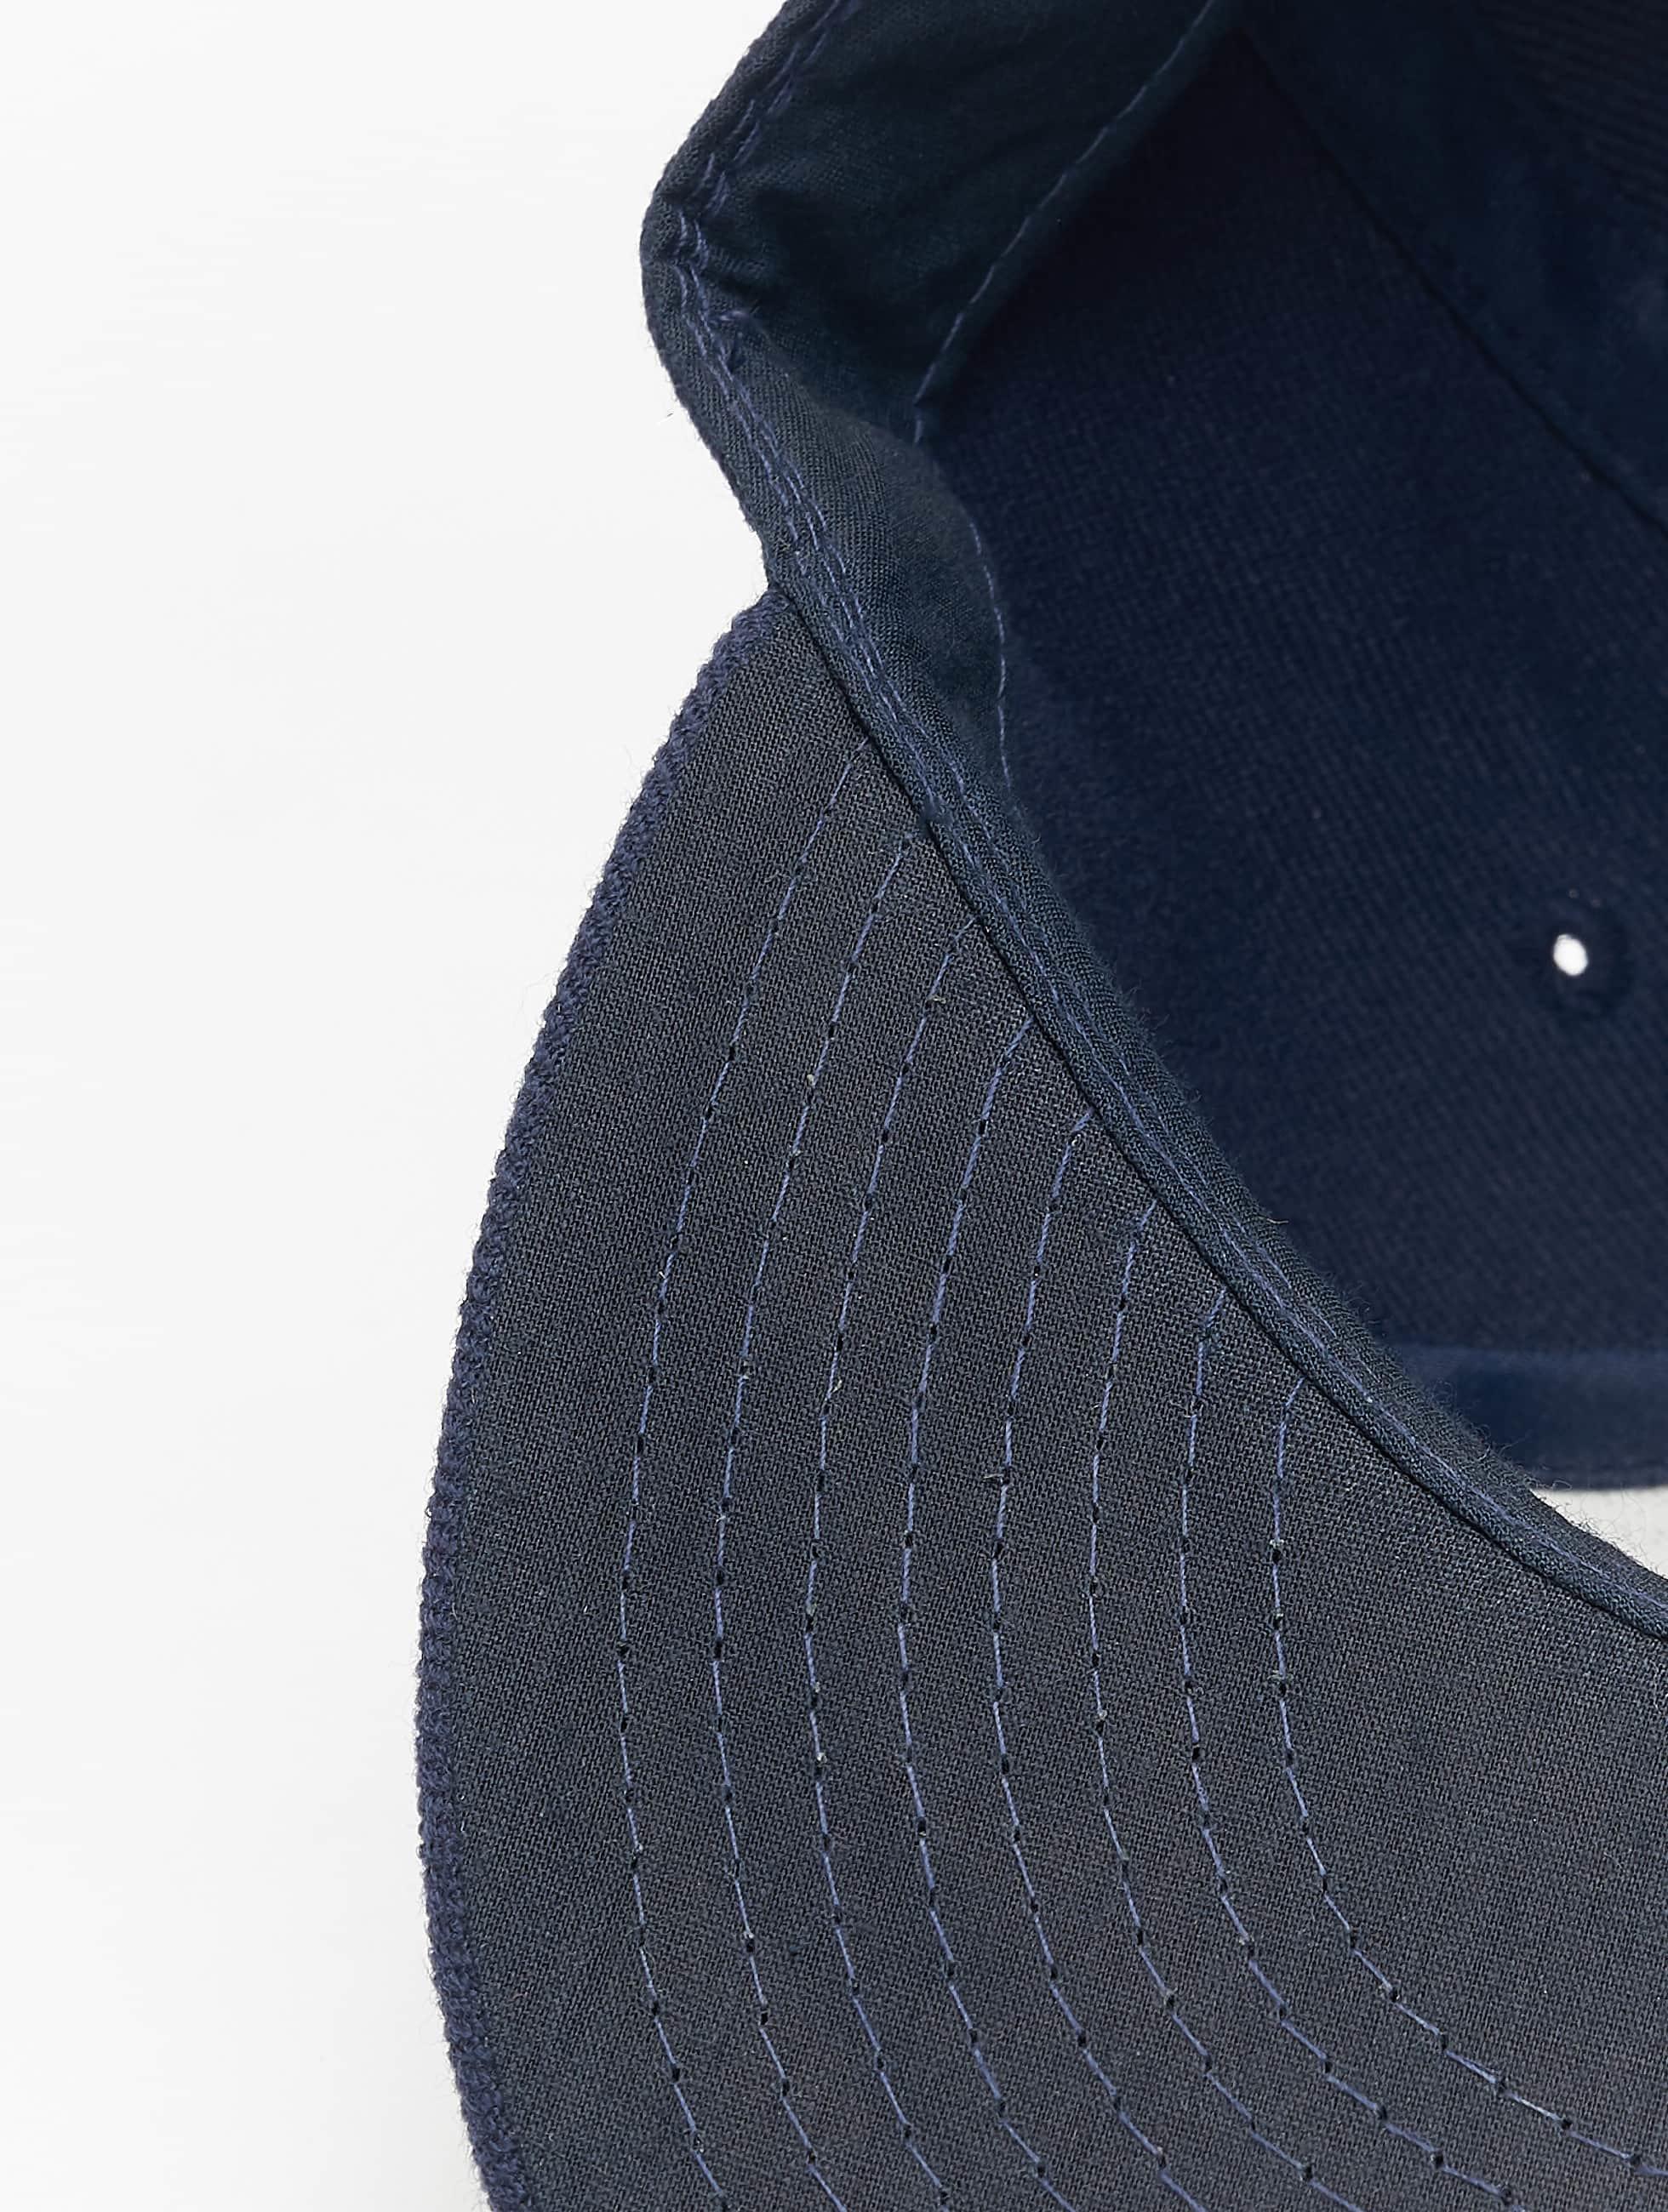 Decky USA Casquette Fitted Flat Bill bleu